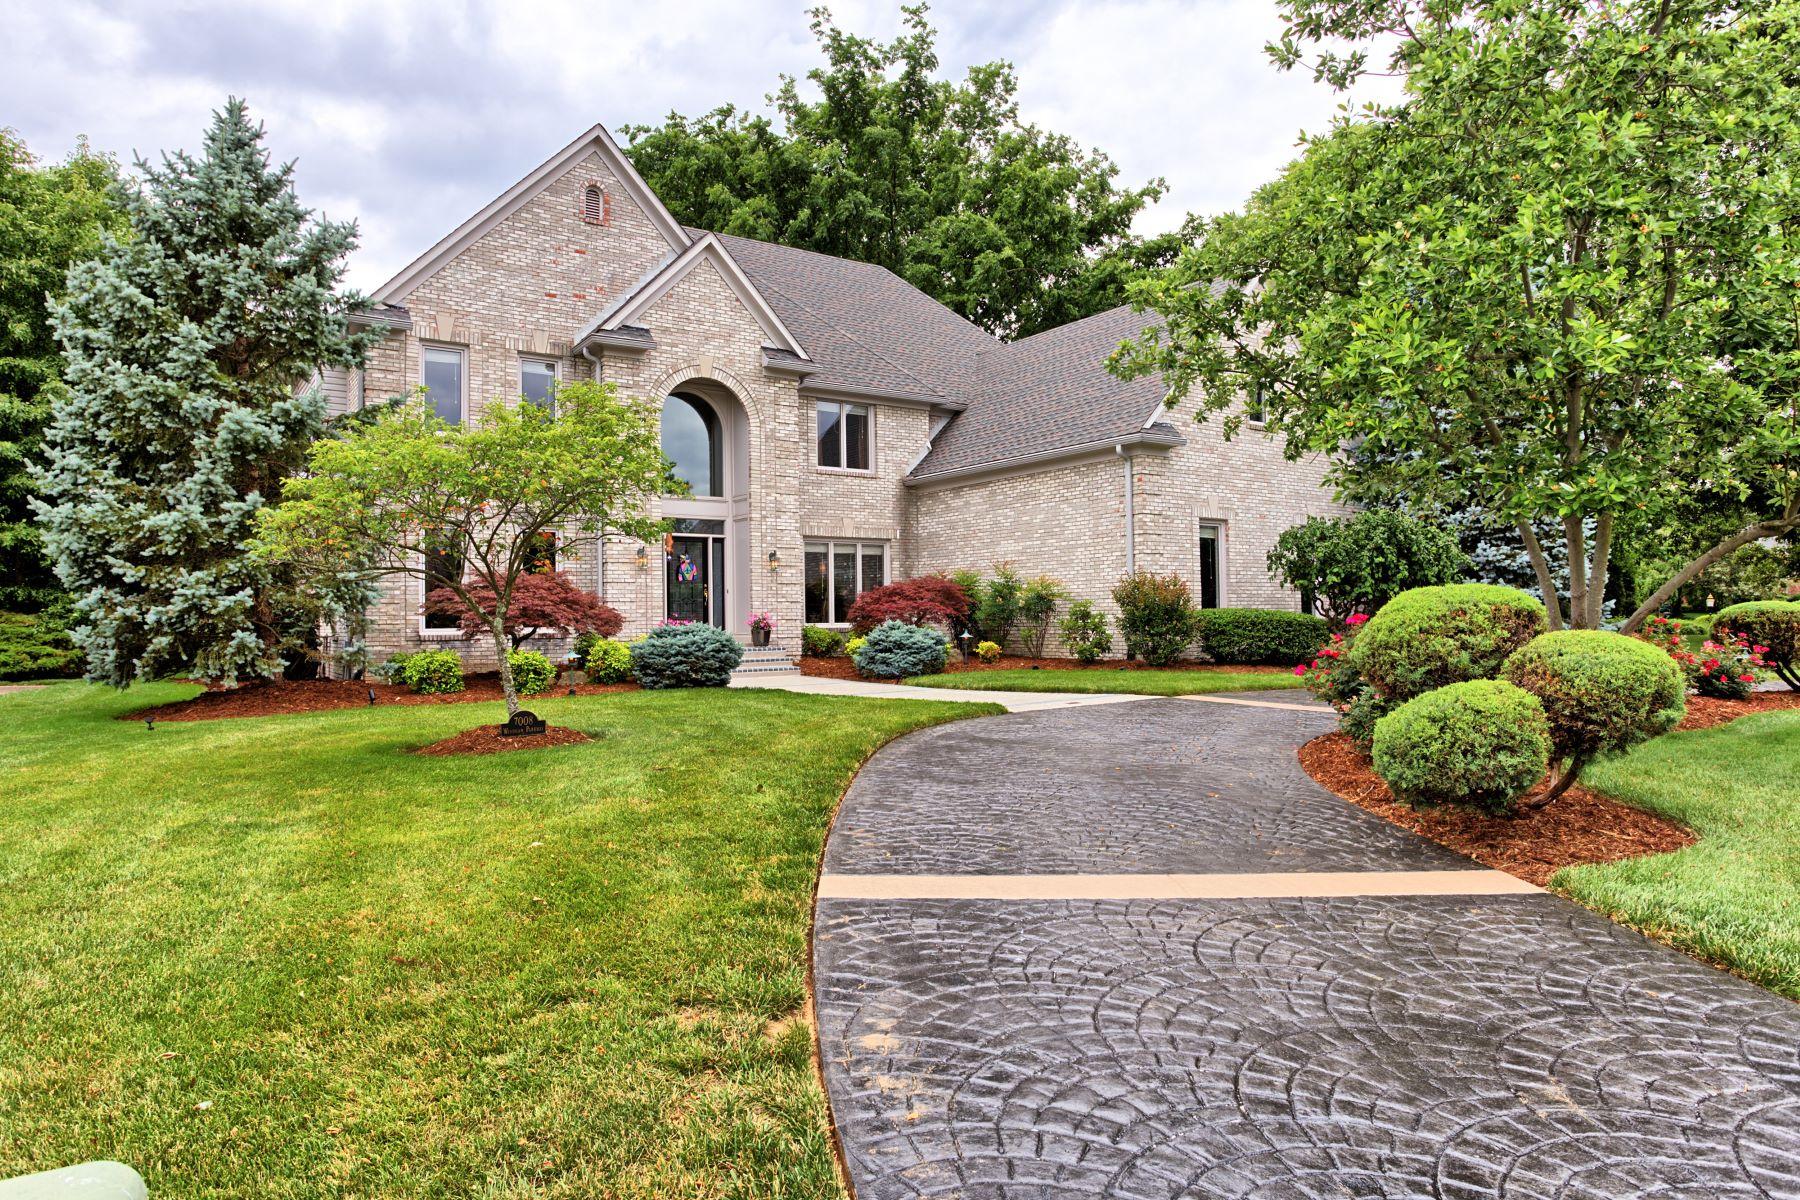 Casa Unifamiliar por un Venta en 7008 Windham Parkway Prospect, Kentucky, 40059 Estados Unidos